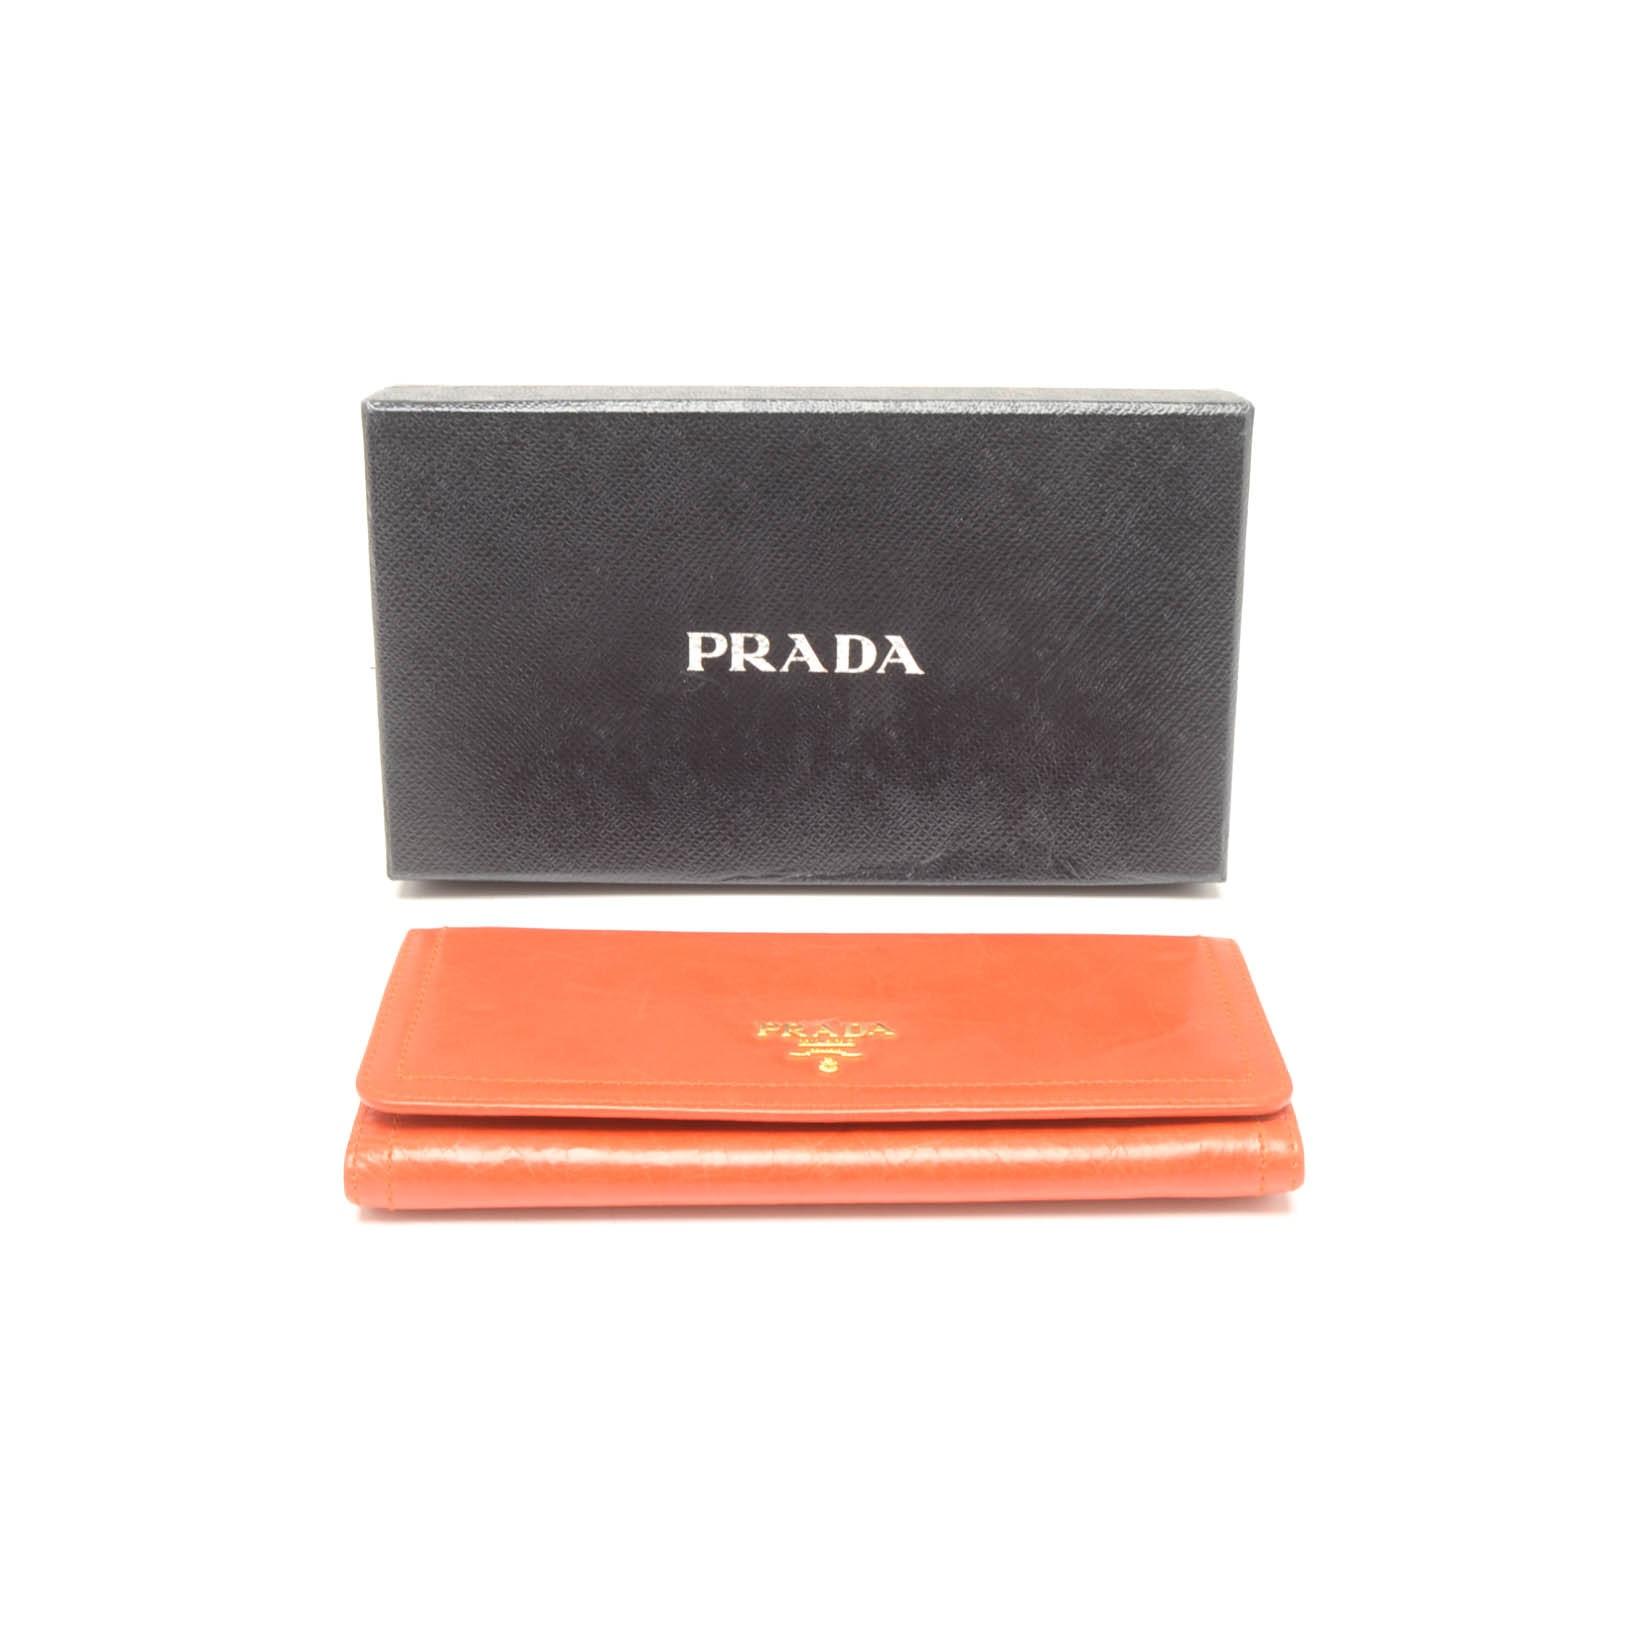 Prada Vitello Shine Leather Wallet